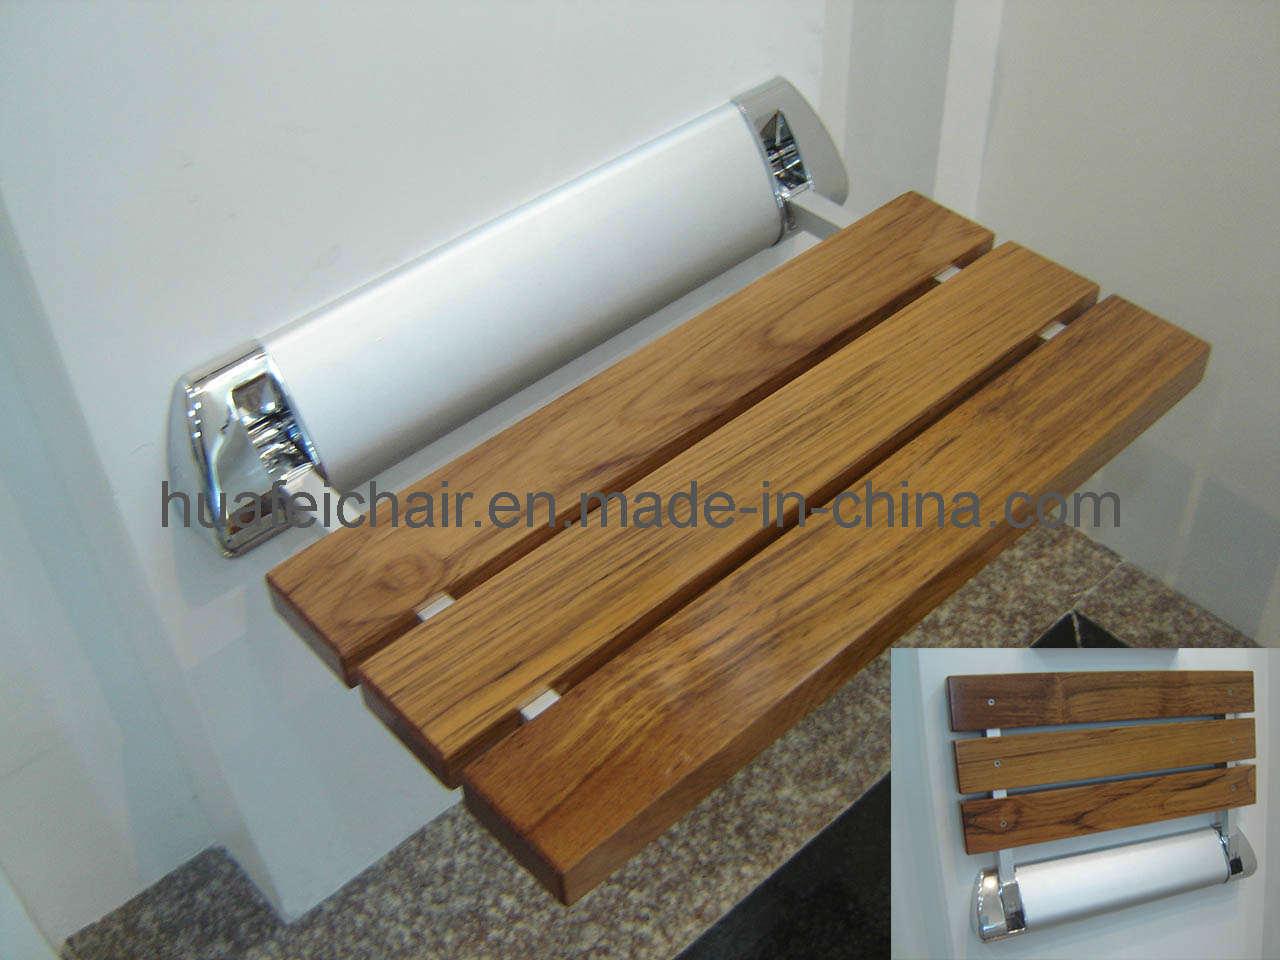 chaise de salle de bains d 3 chrome chaise de salle de bains d 3 chrome fournis par taizhou. Black Bedroom Furniture Sets. Home Design Ideas